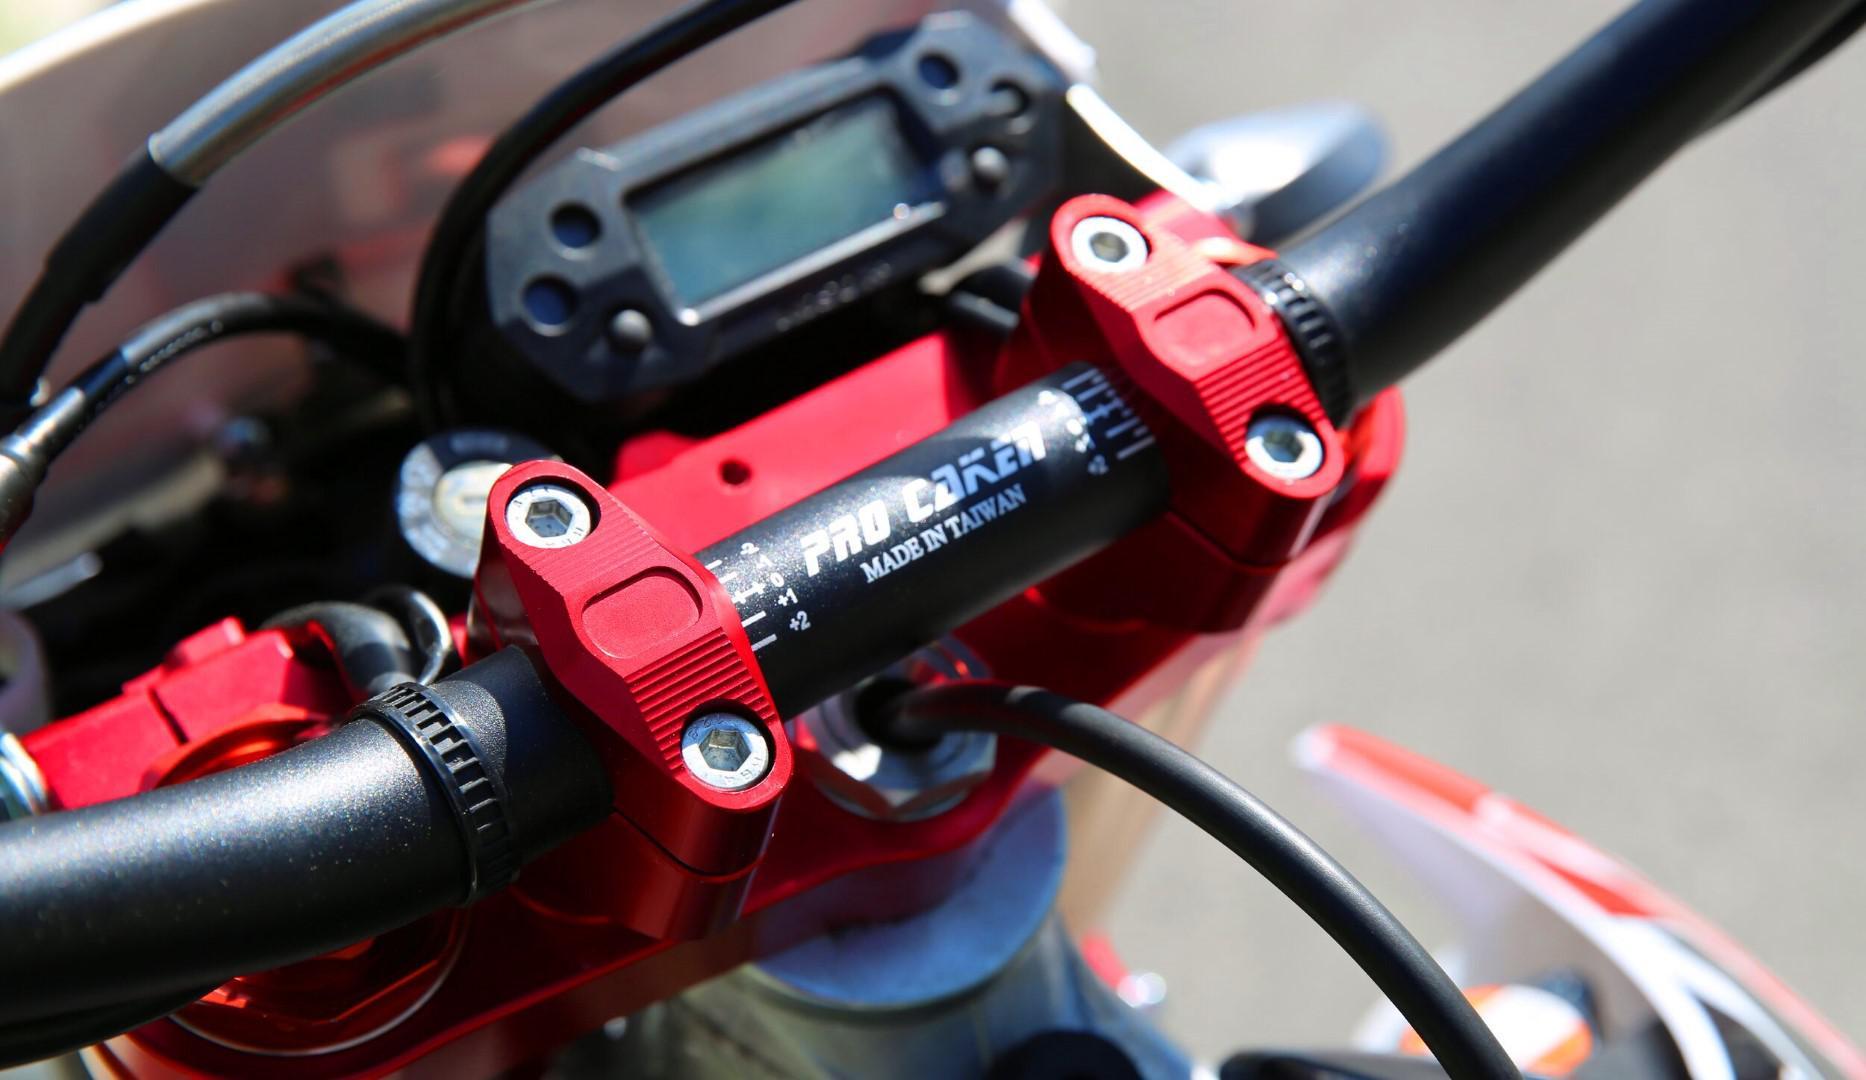 connaissez-vous-cette-marque-de-motos-1280-1.jpg